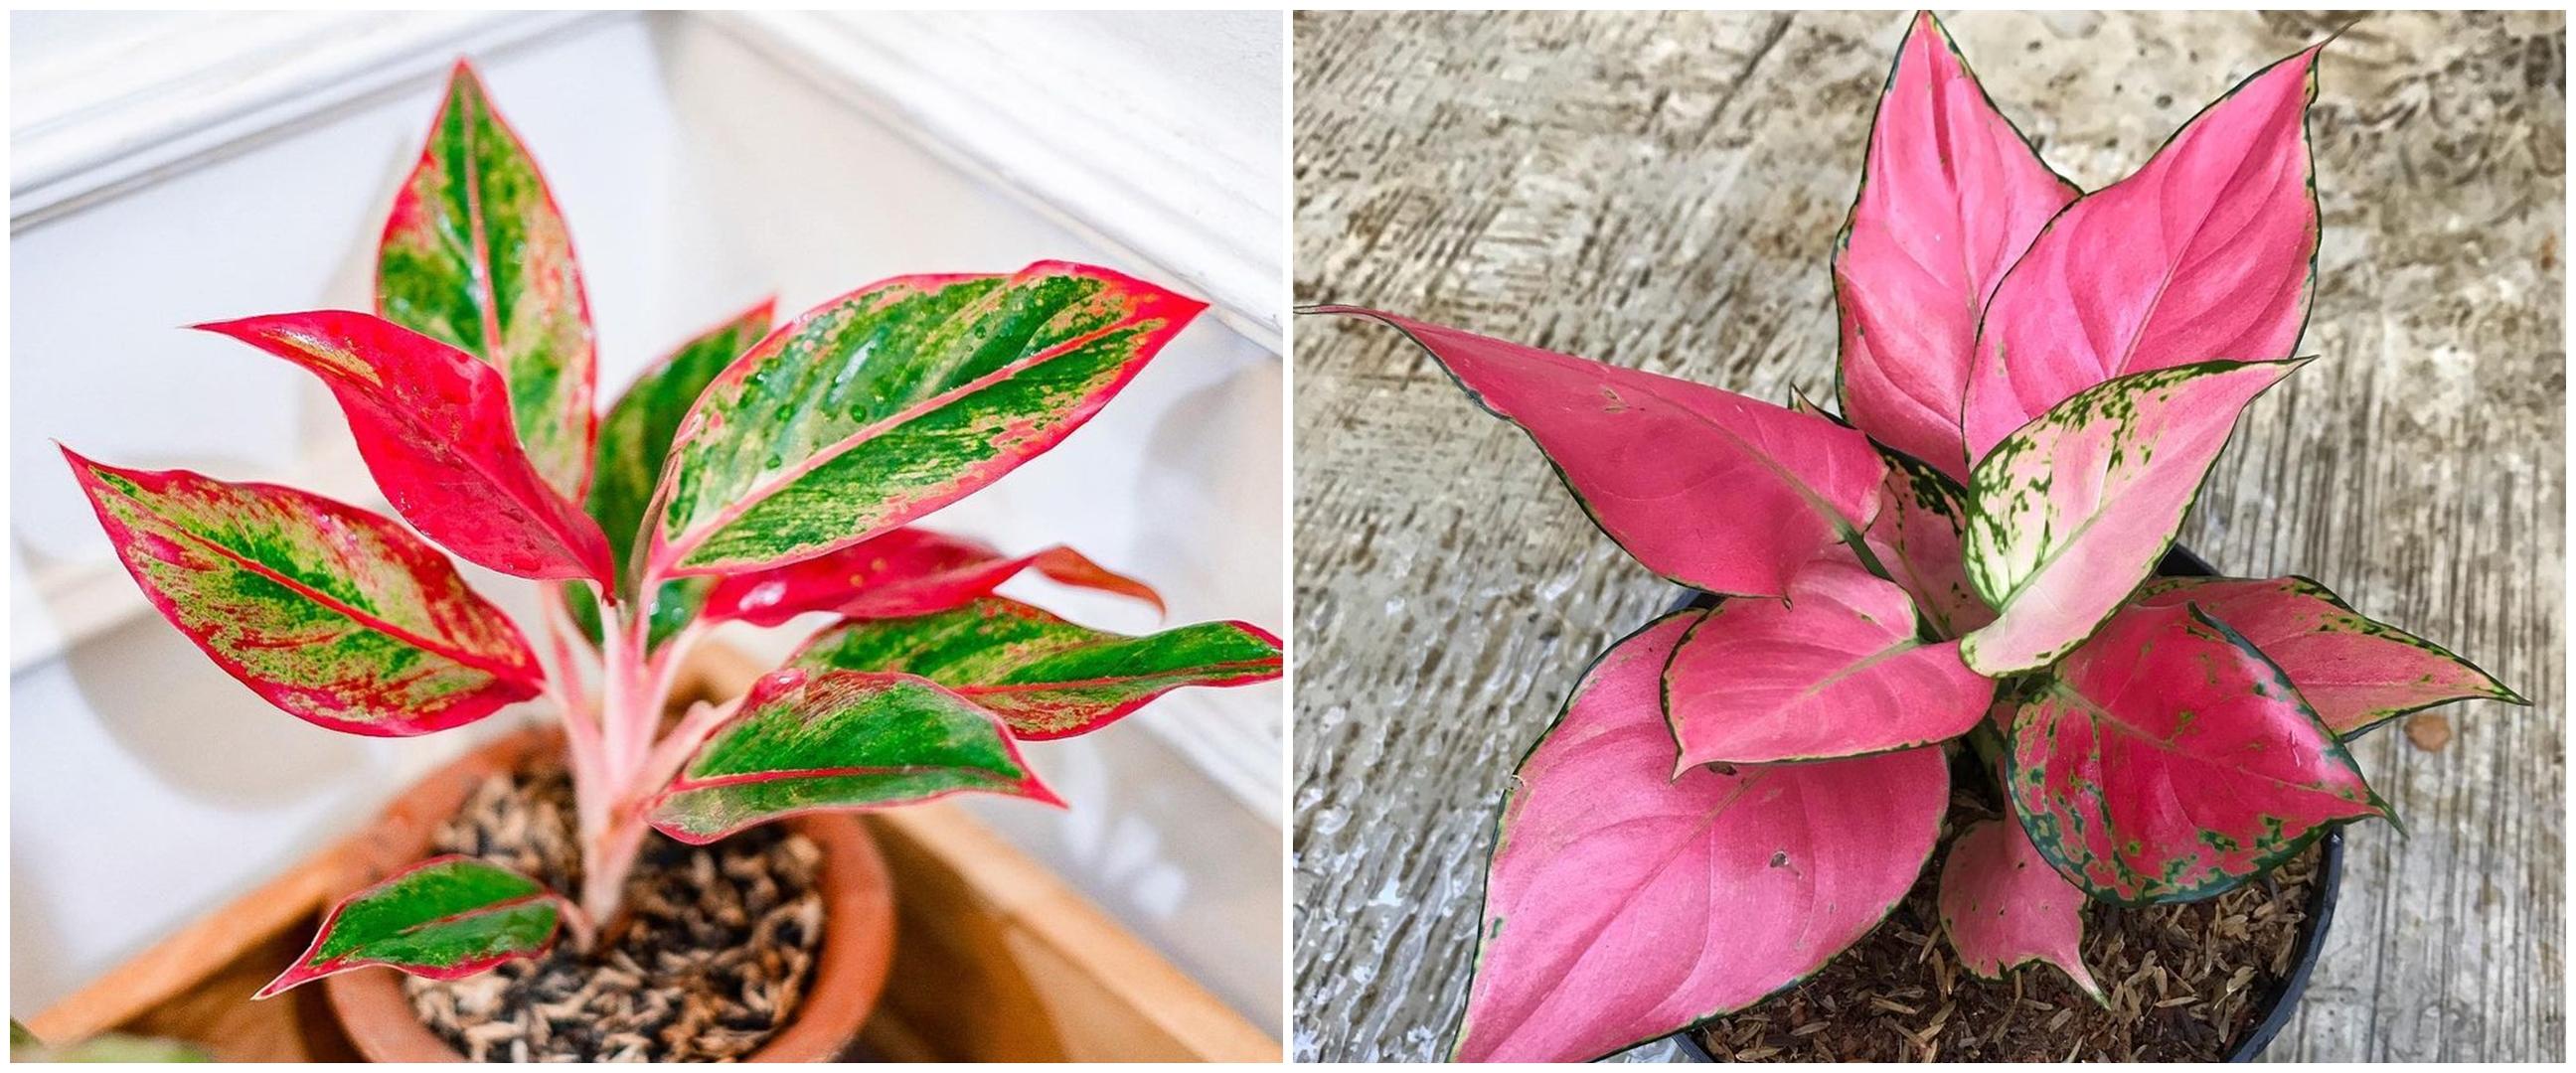 6 Jenis tanaman hias daun sri rejeki yang banyak dicari